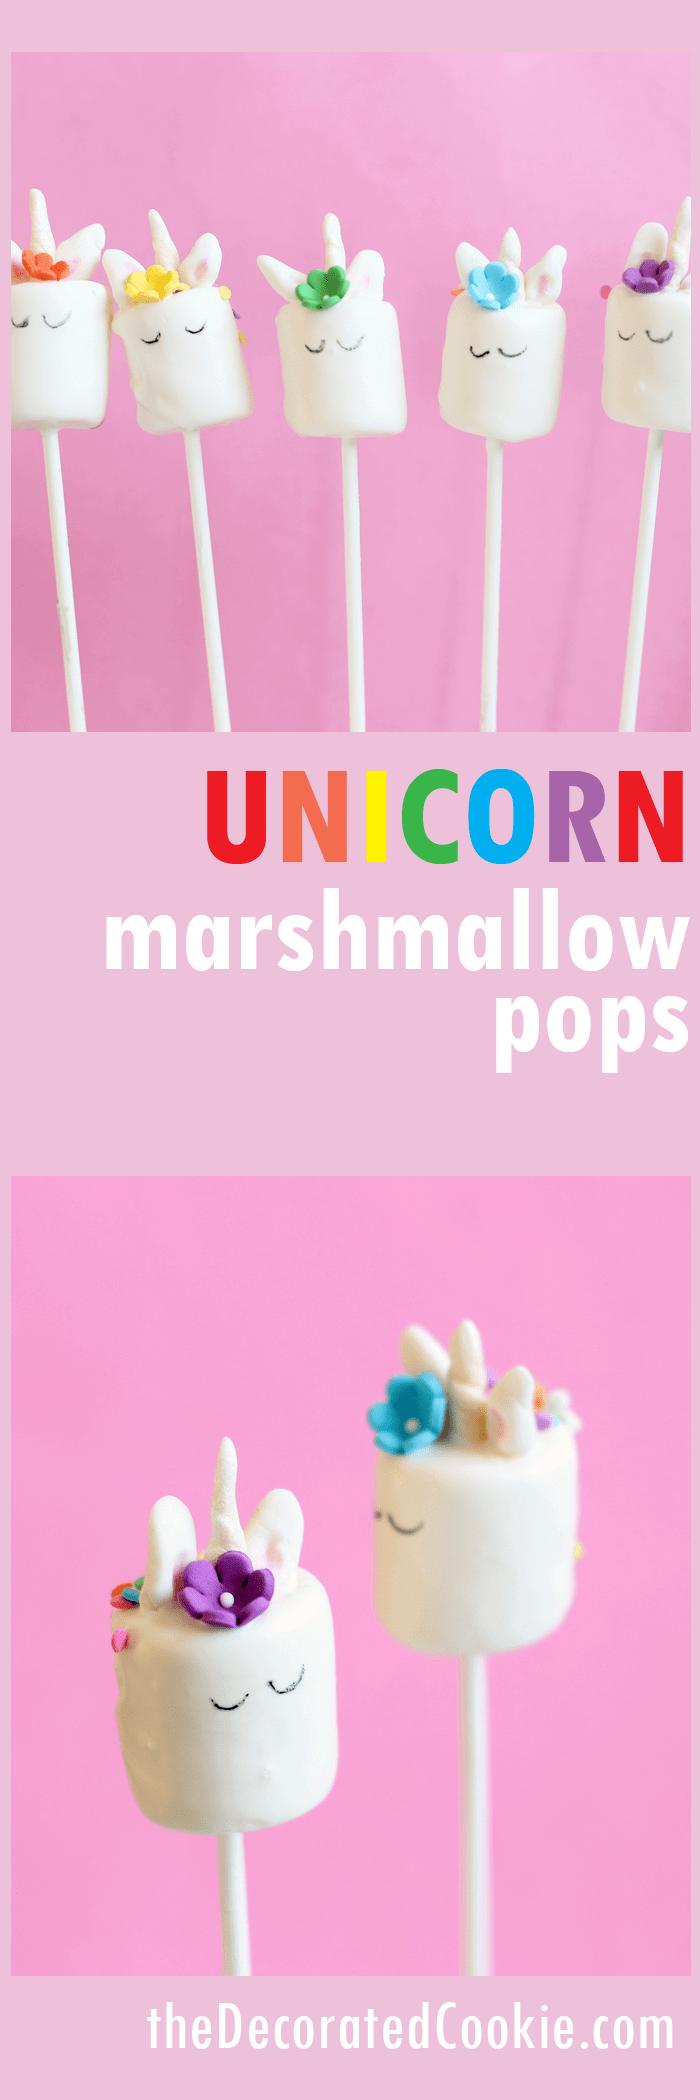 Rainbow Unicorn Marshmallow Lollies